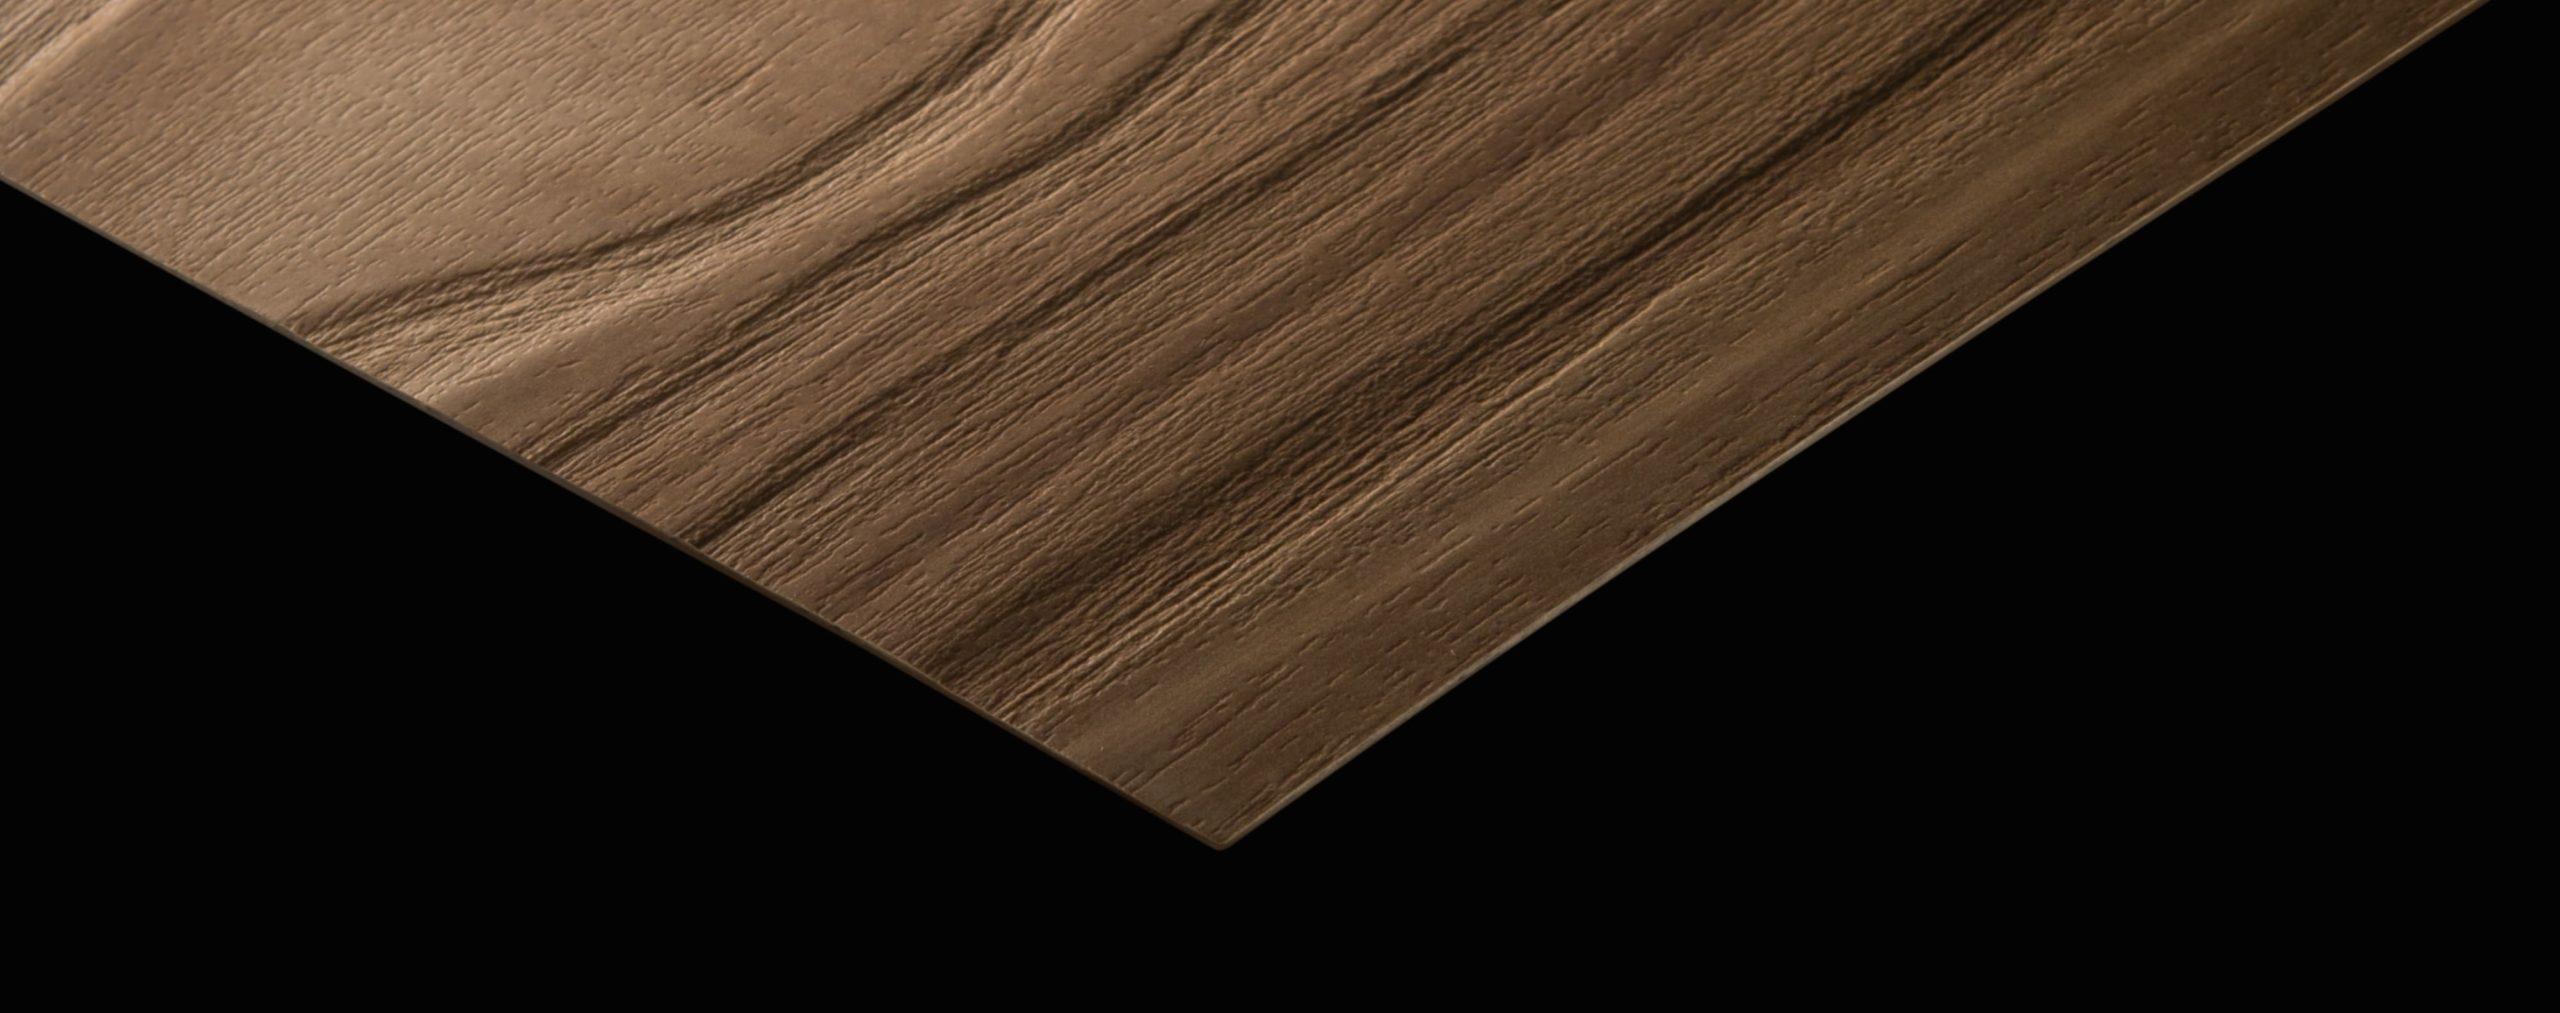 Legno Laminato Per Mobili cleaf: innovative surfaces for furniture and interior design